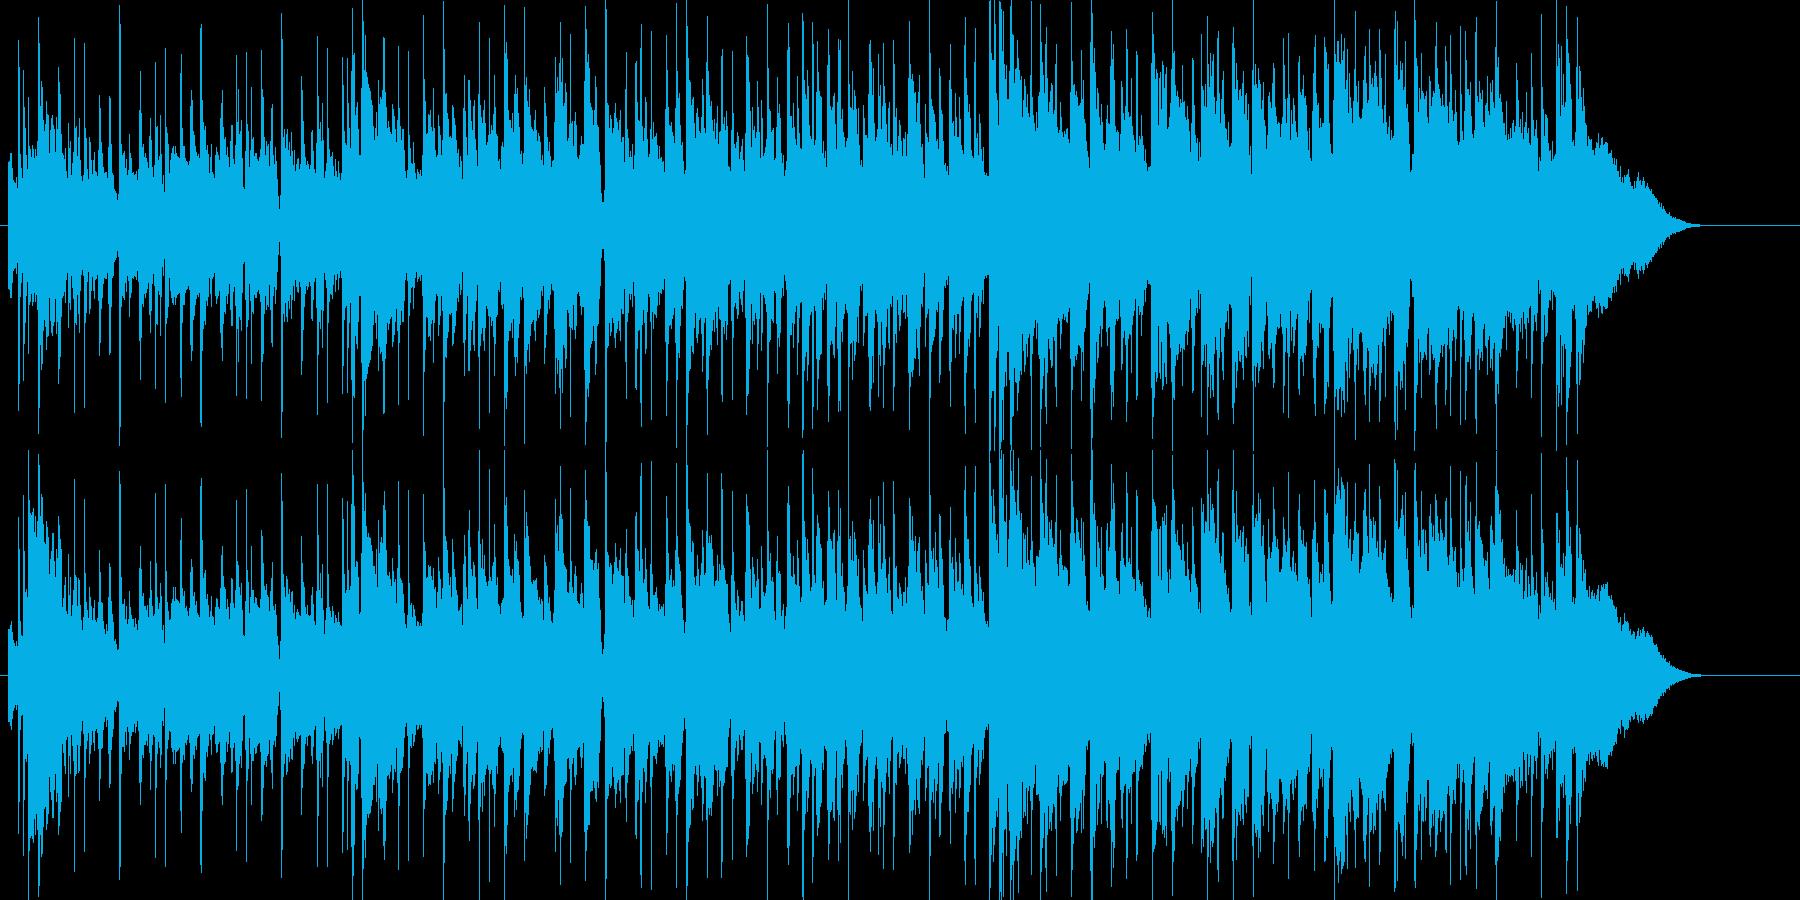 まったりのんびりしたギターのポップBGMの再生済みの波形